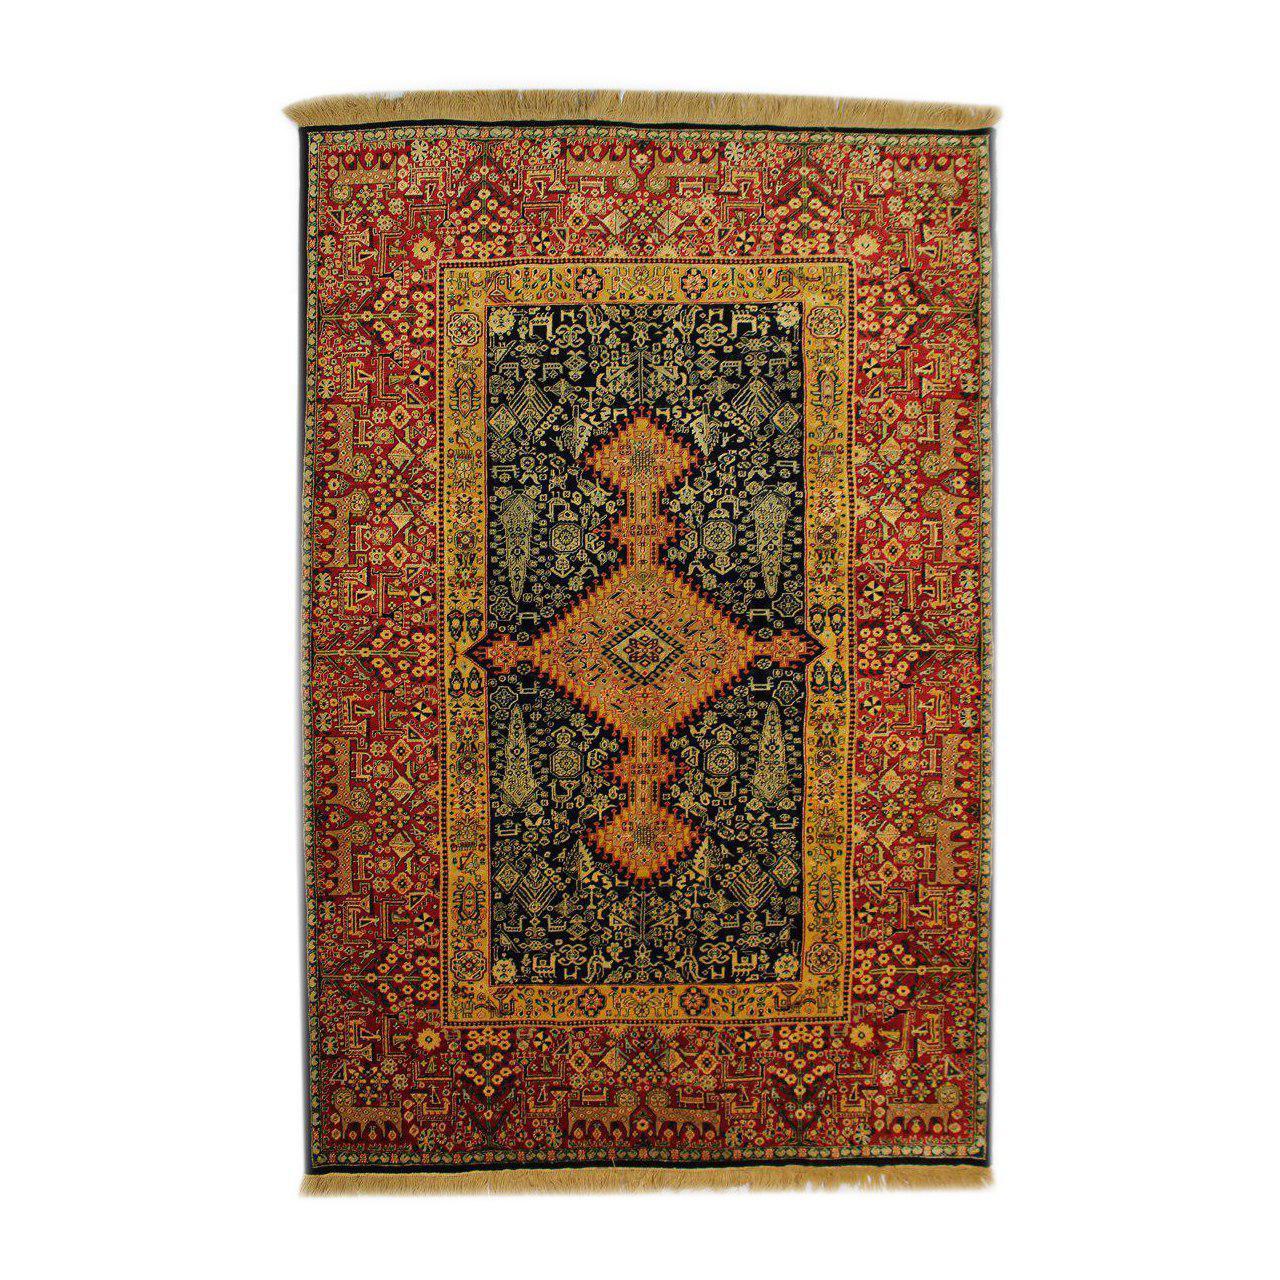 فرش دستبافت شش متری طرح قشقایی کد 1104505